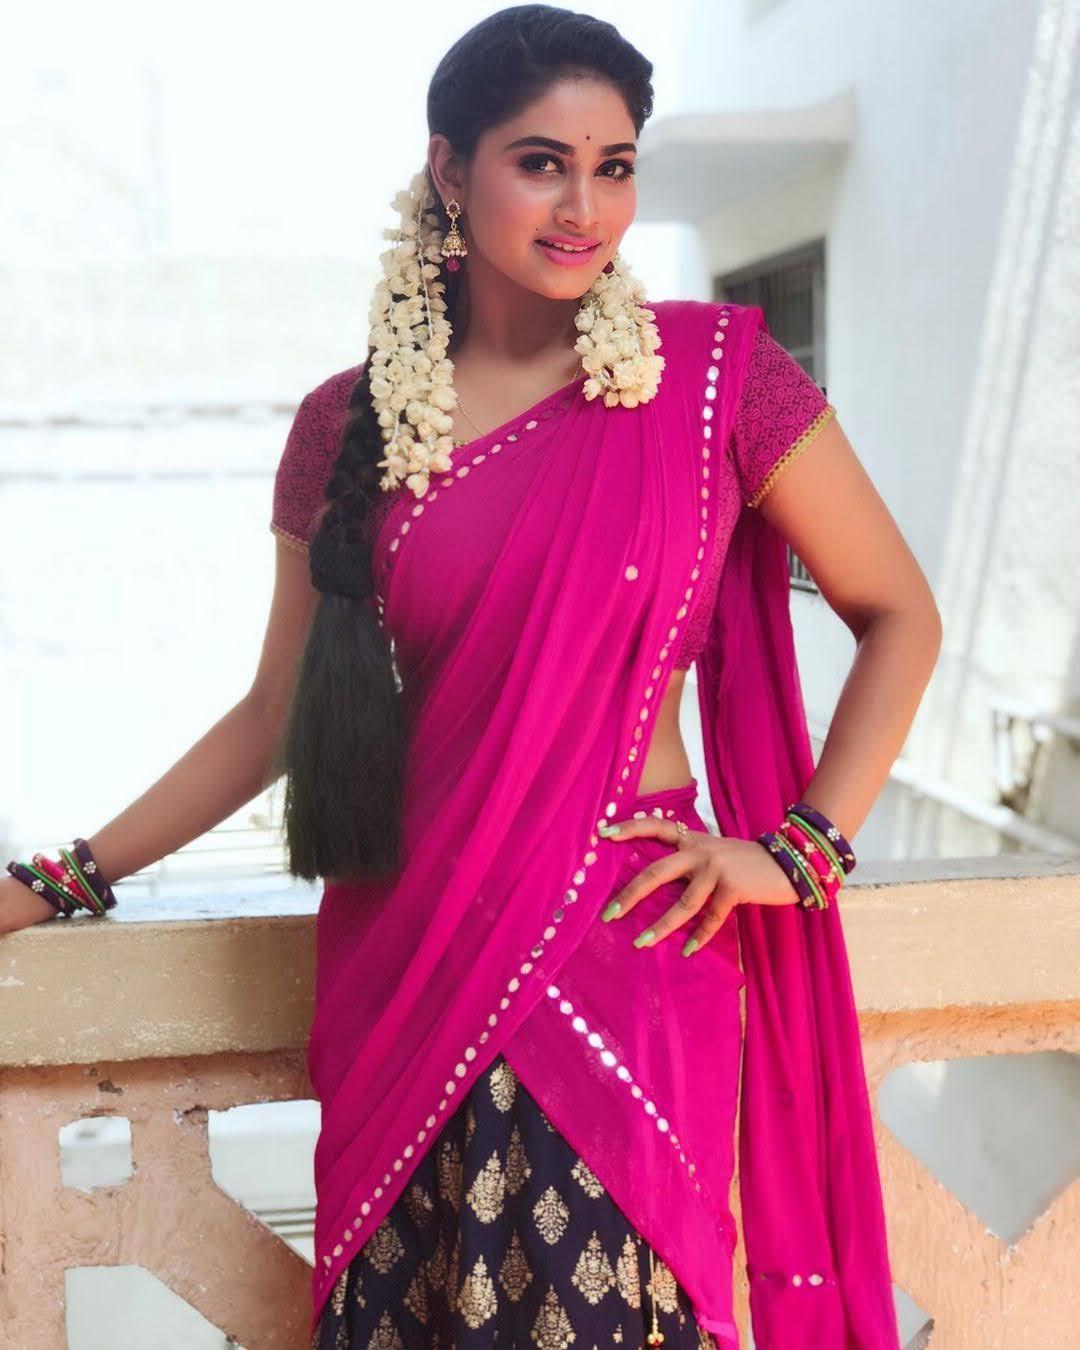 shivani_narayanan_515113260